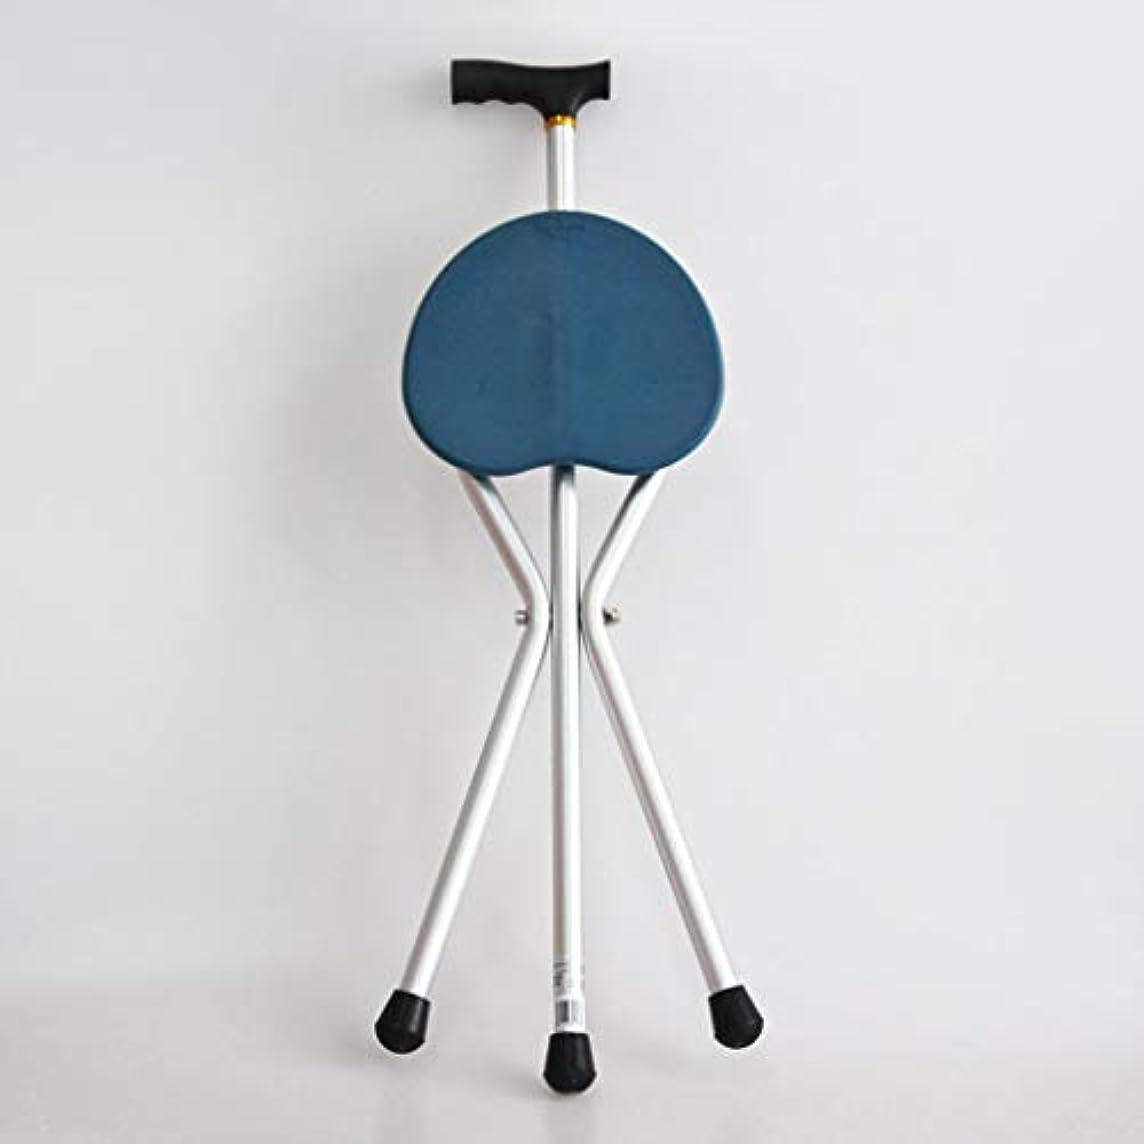 落ち着く歩き回るアーサーコナンドイル高齢者向けのアルミニウム松葉杖。歩行杖杖、高強度エンジニアリングプラスチックシート、高齢者に適し、無効,ブルー